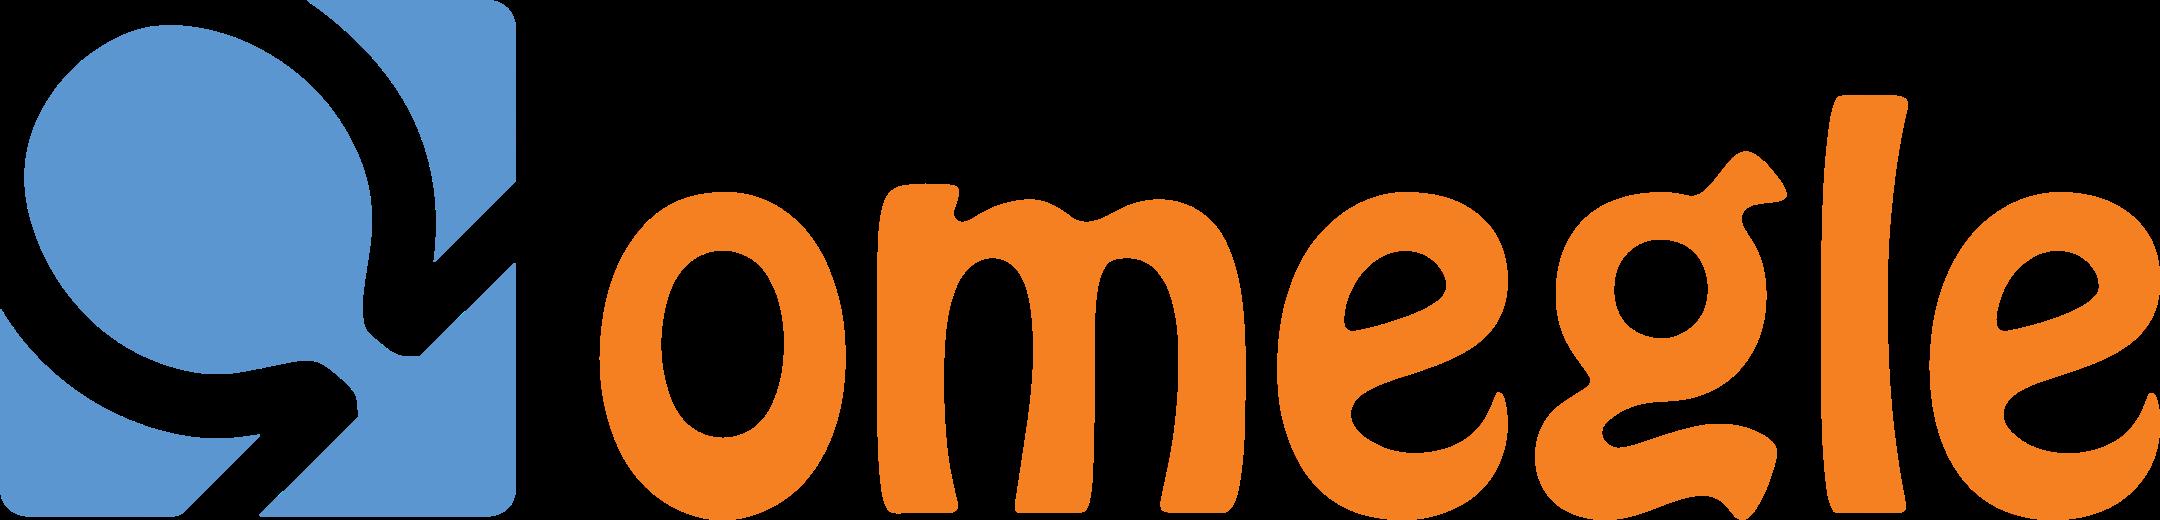 omegle logo 1 - Omegle Logo